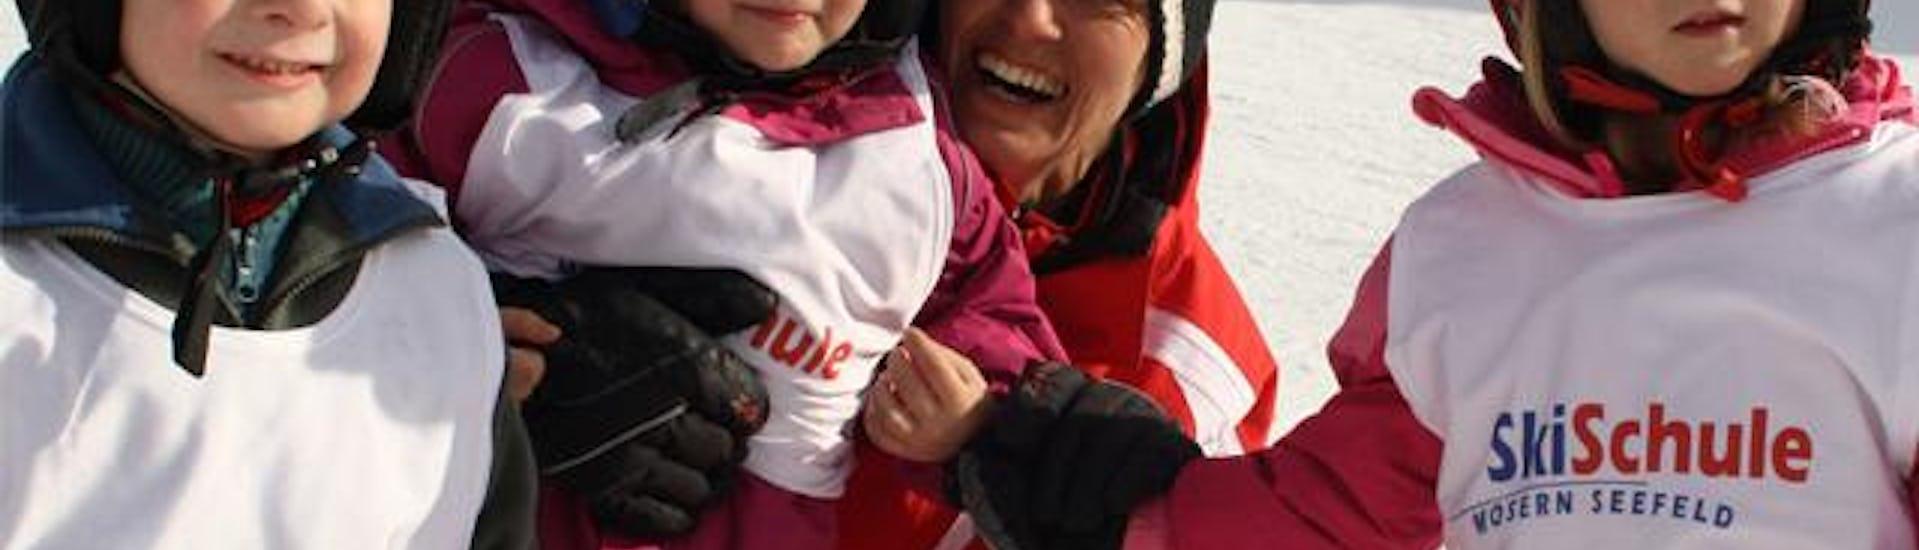 """Skikurs """"Halbtags"""" für Kinder (3-14 Jahre) - Alle Levels"""